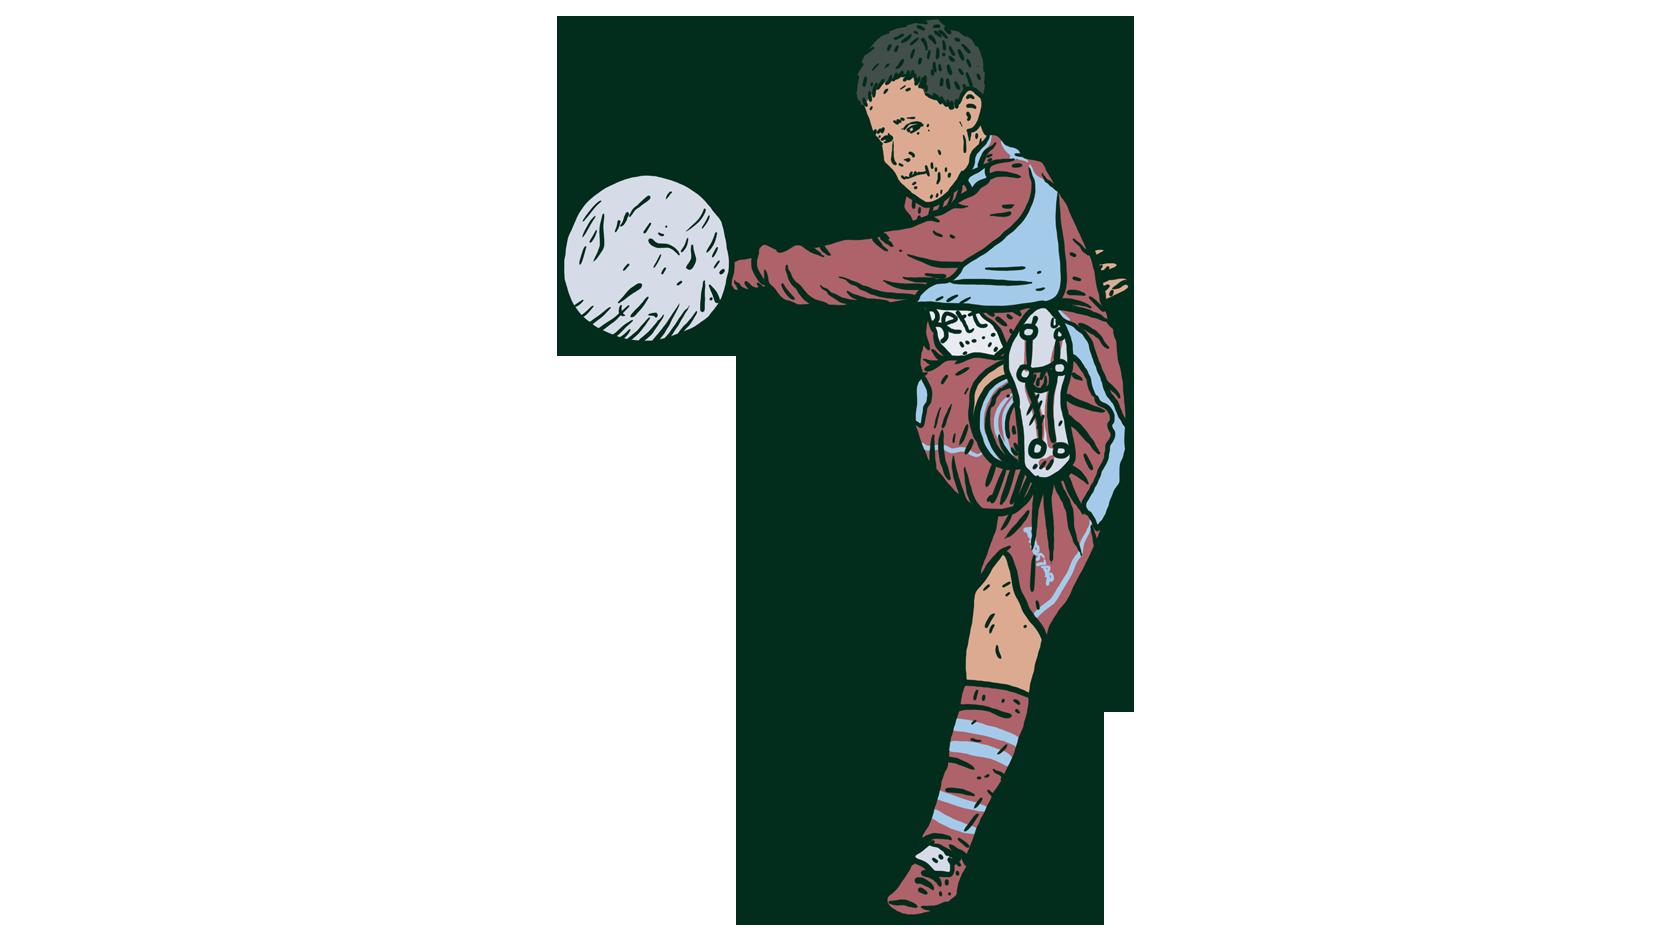 U11 Soccer Drills